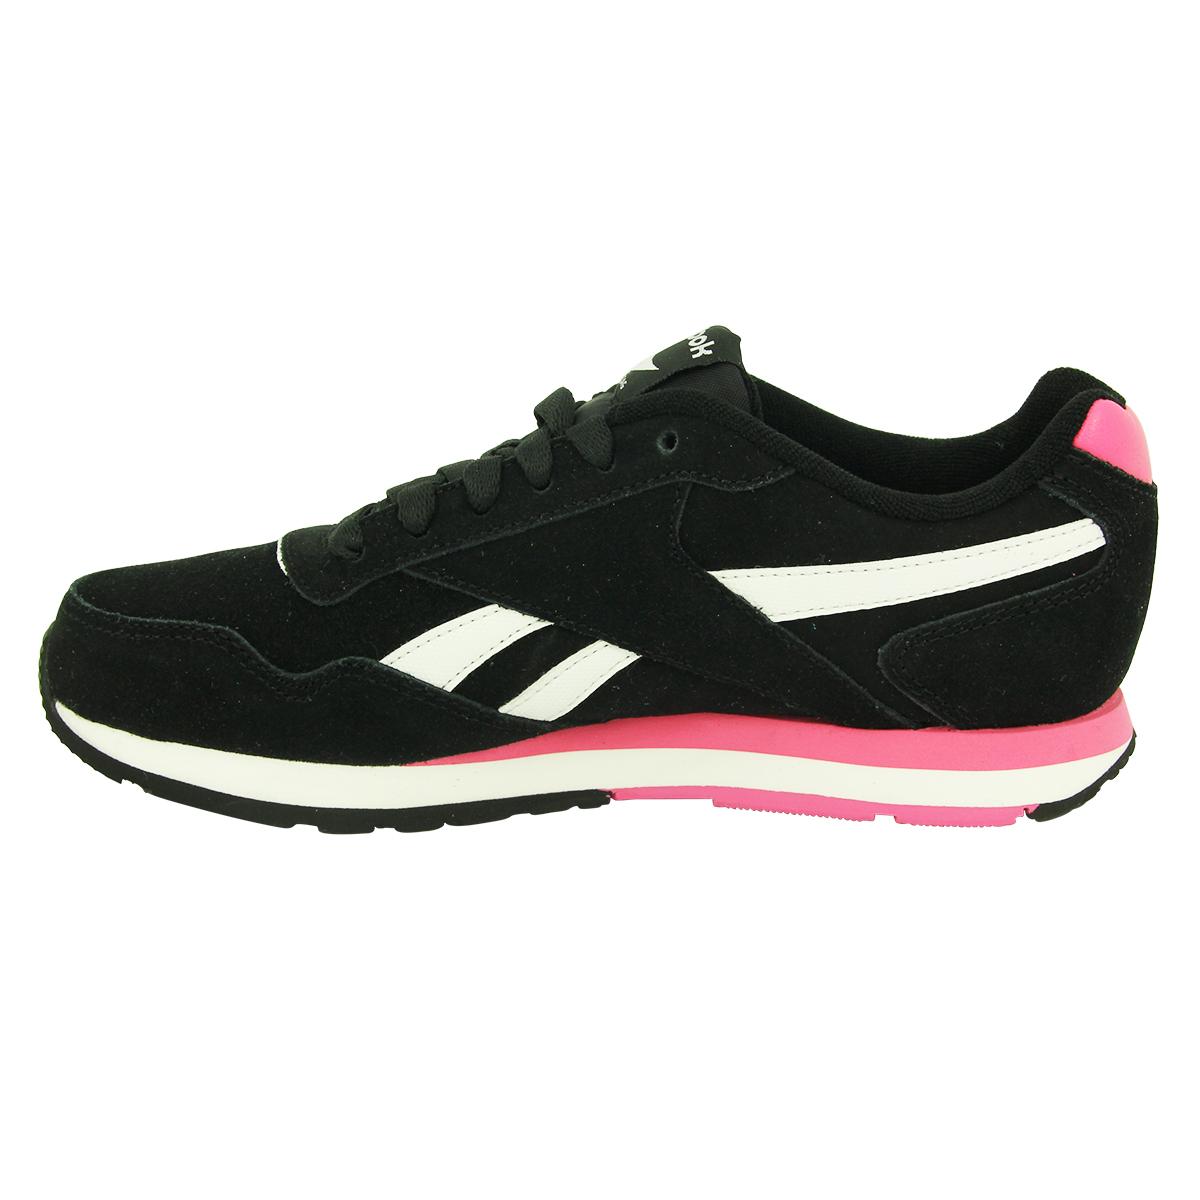 826cfef3eec68 Reebok REEBOK ROYAL GLIDE Chaussures Mode Sneakers Femme Cuir Suede 3 3 sur  6 ...